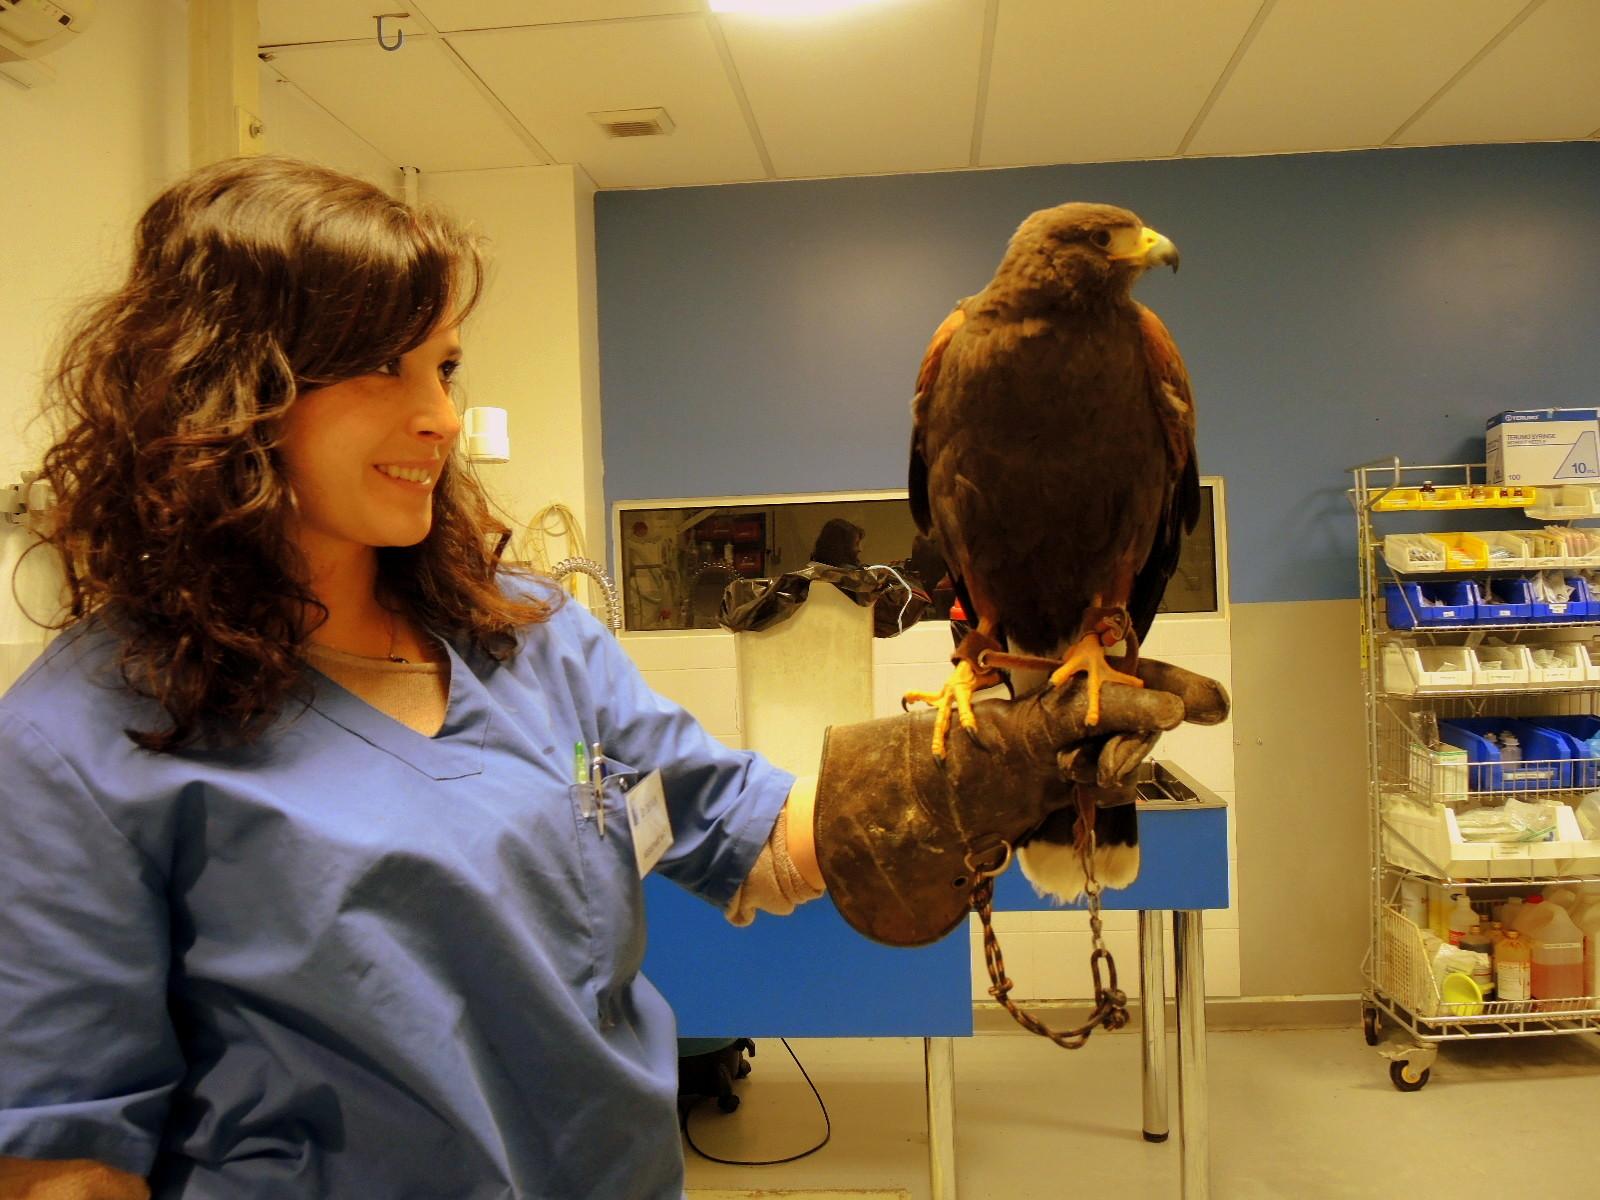 Buse de harris presentee pour suspicion d aspergillose par son veterinaire traitant 2h30 de route